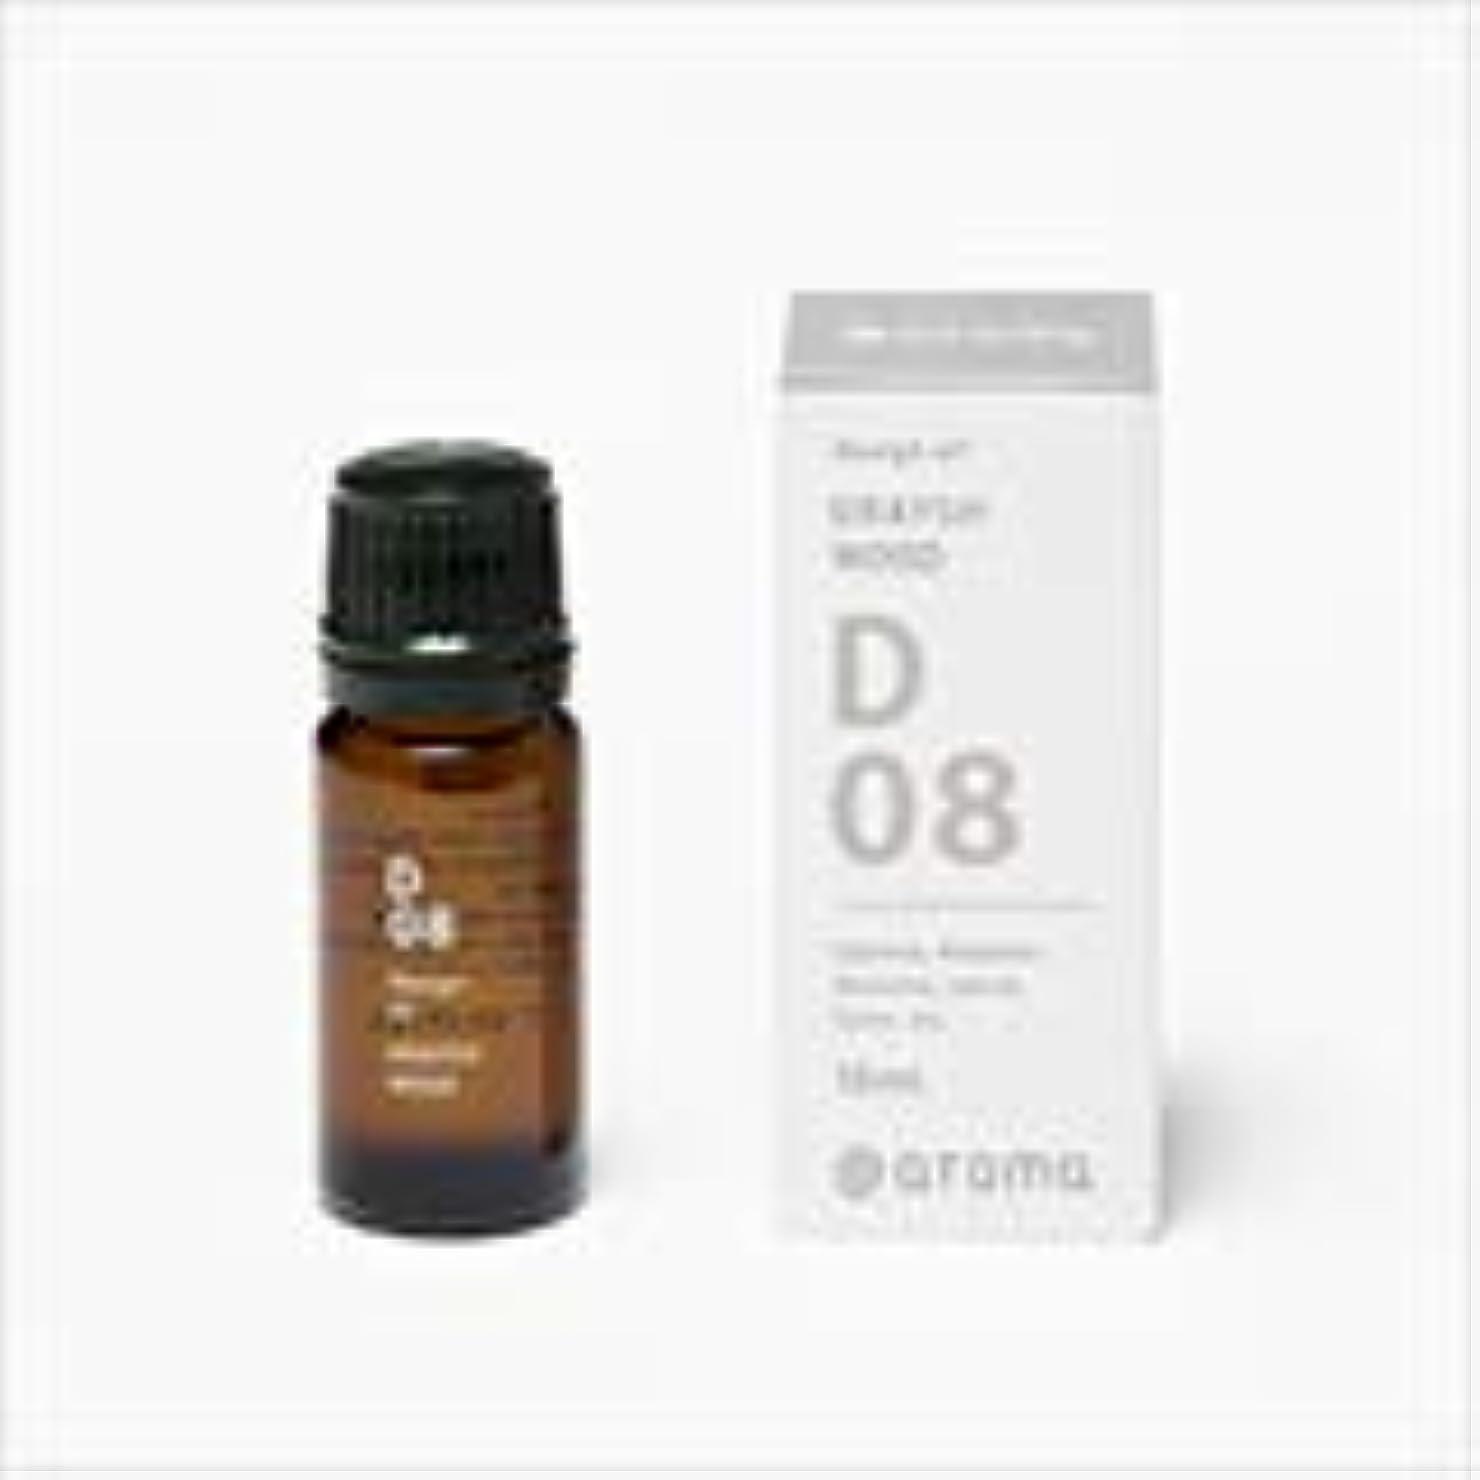 ギャップ感情の使役アットアロマ 100%pure essential oil <Design air ミスティーチャコール>